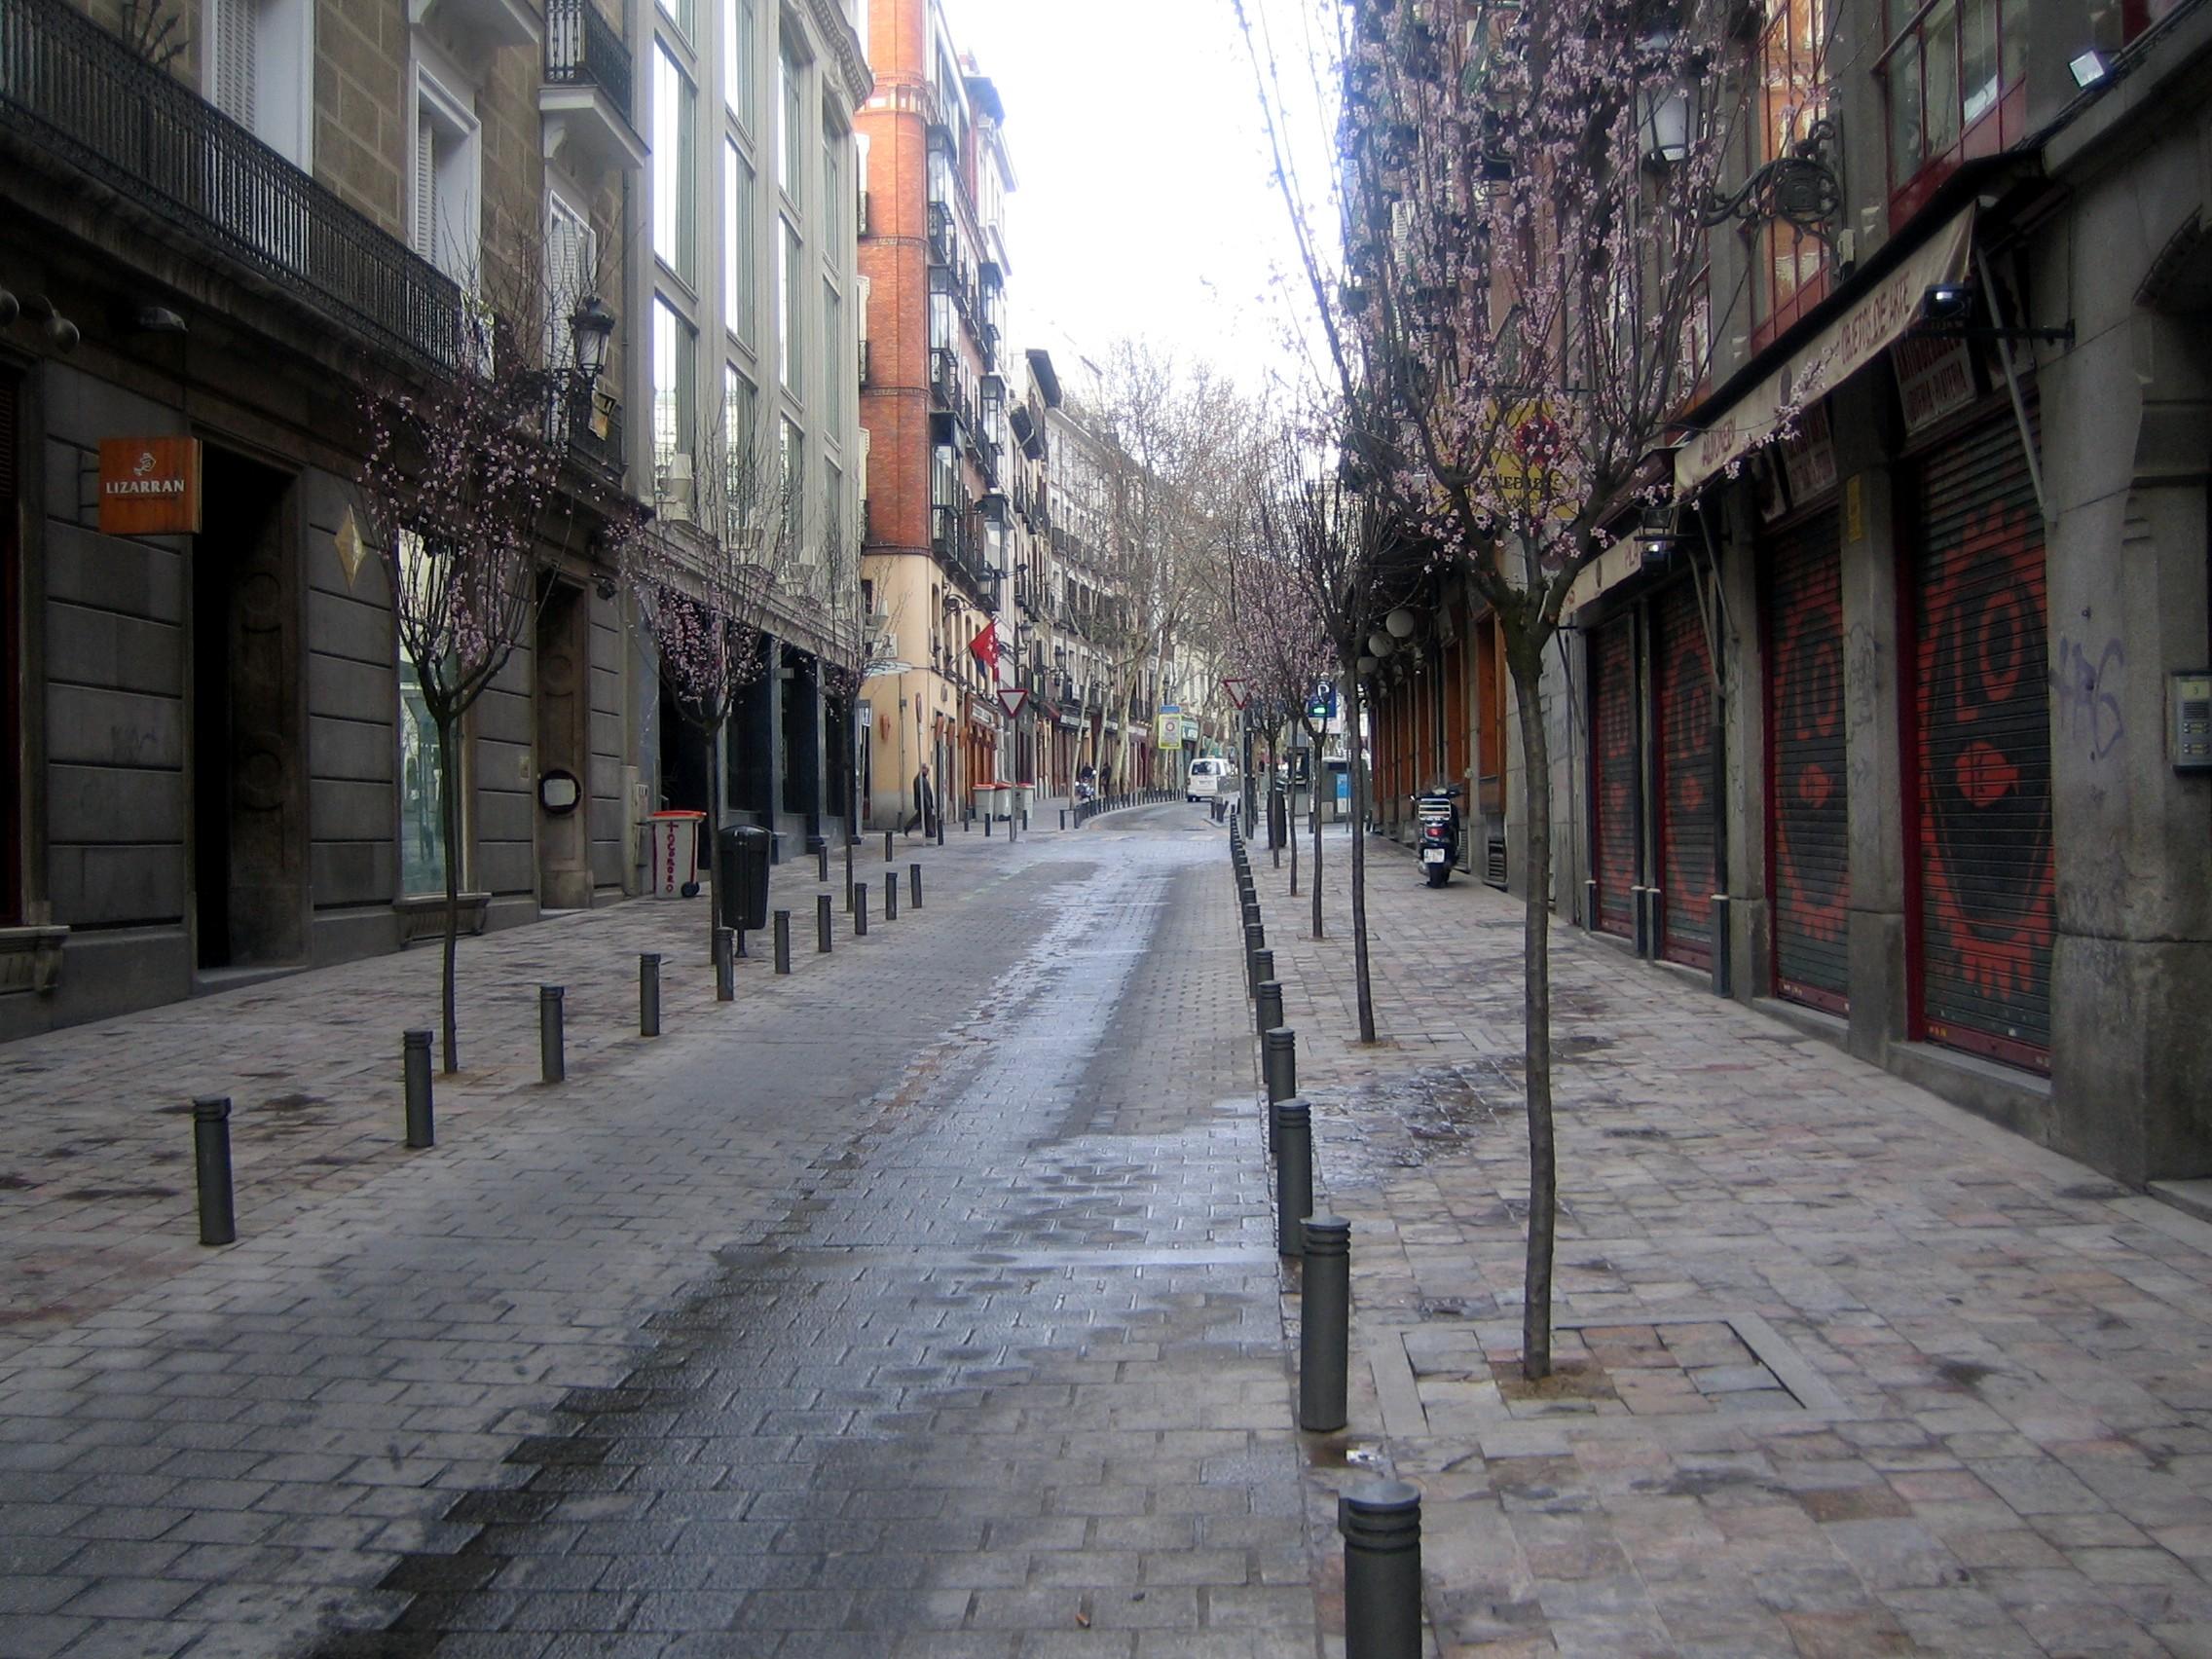 Huertas las letras estrena imagen ayuntamiento de madrid for Calle prado jerez 3 navacerrada